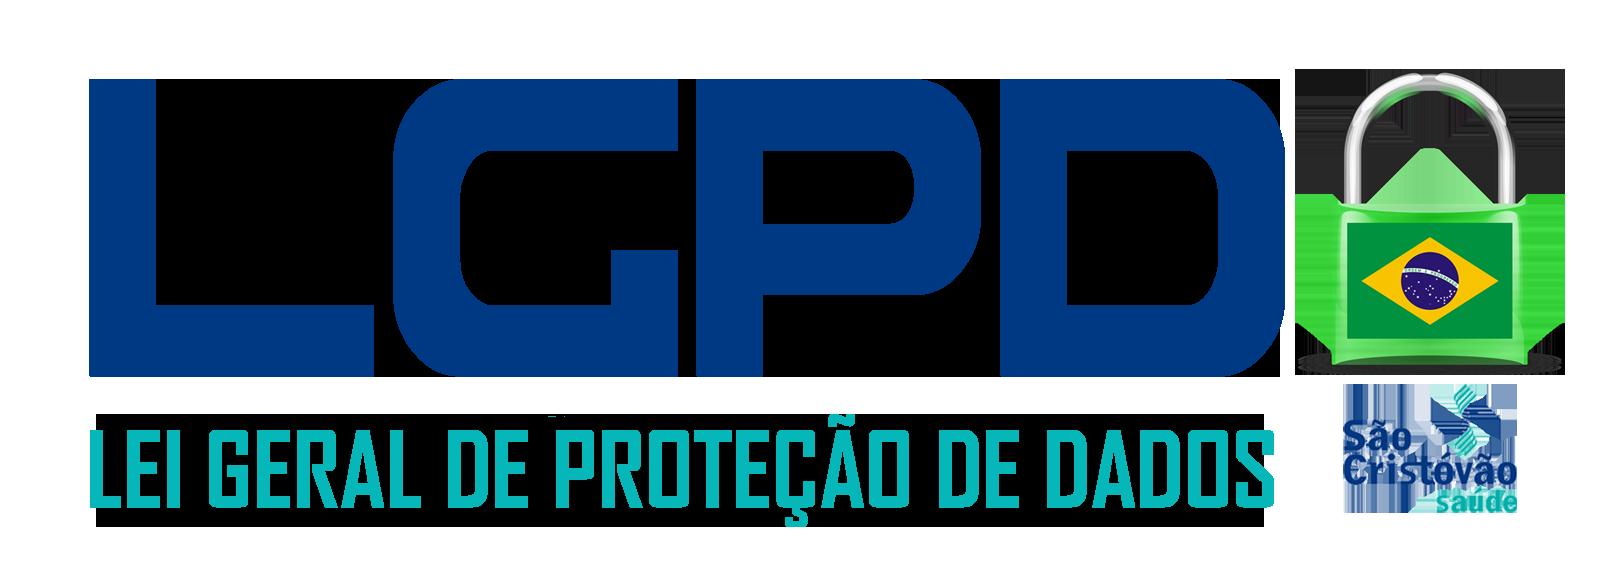 LGPD1